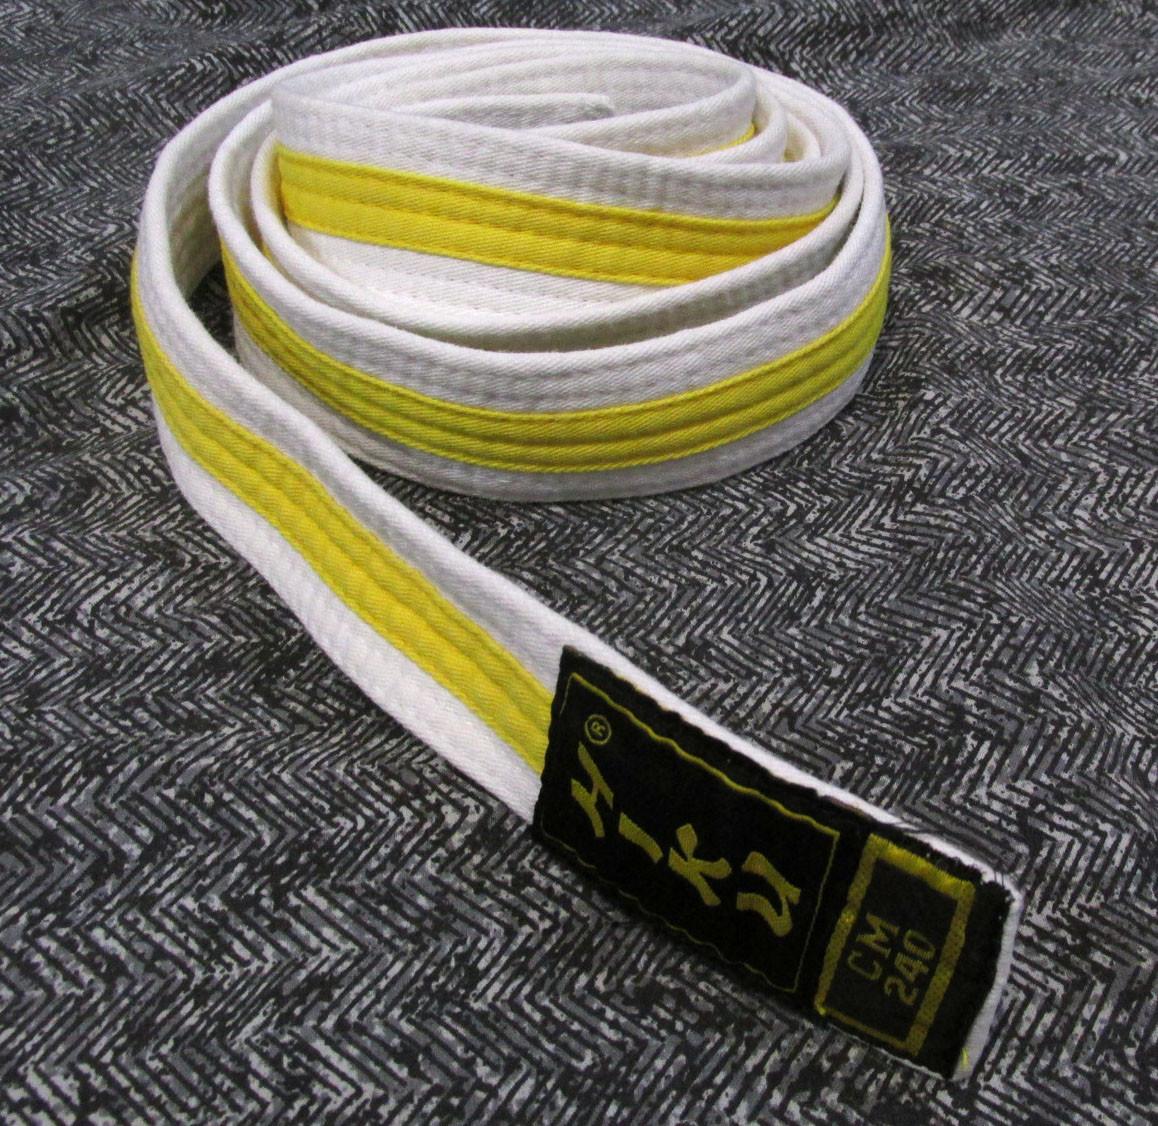 Пояс кимоно белый с желт. полосой Hiku, 240 , (220х3.5 см), Оч хор сос